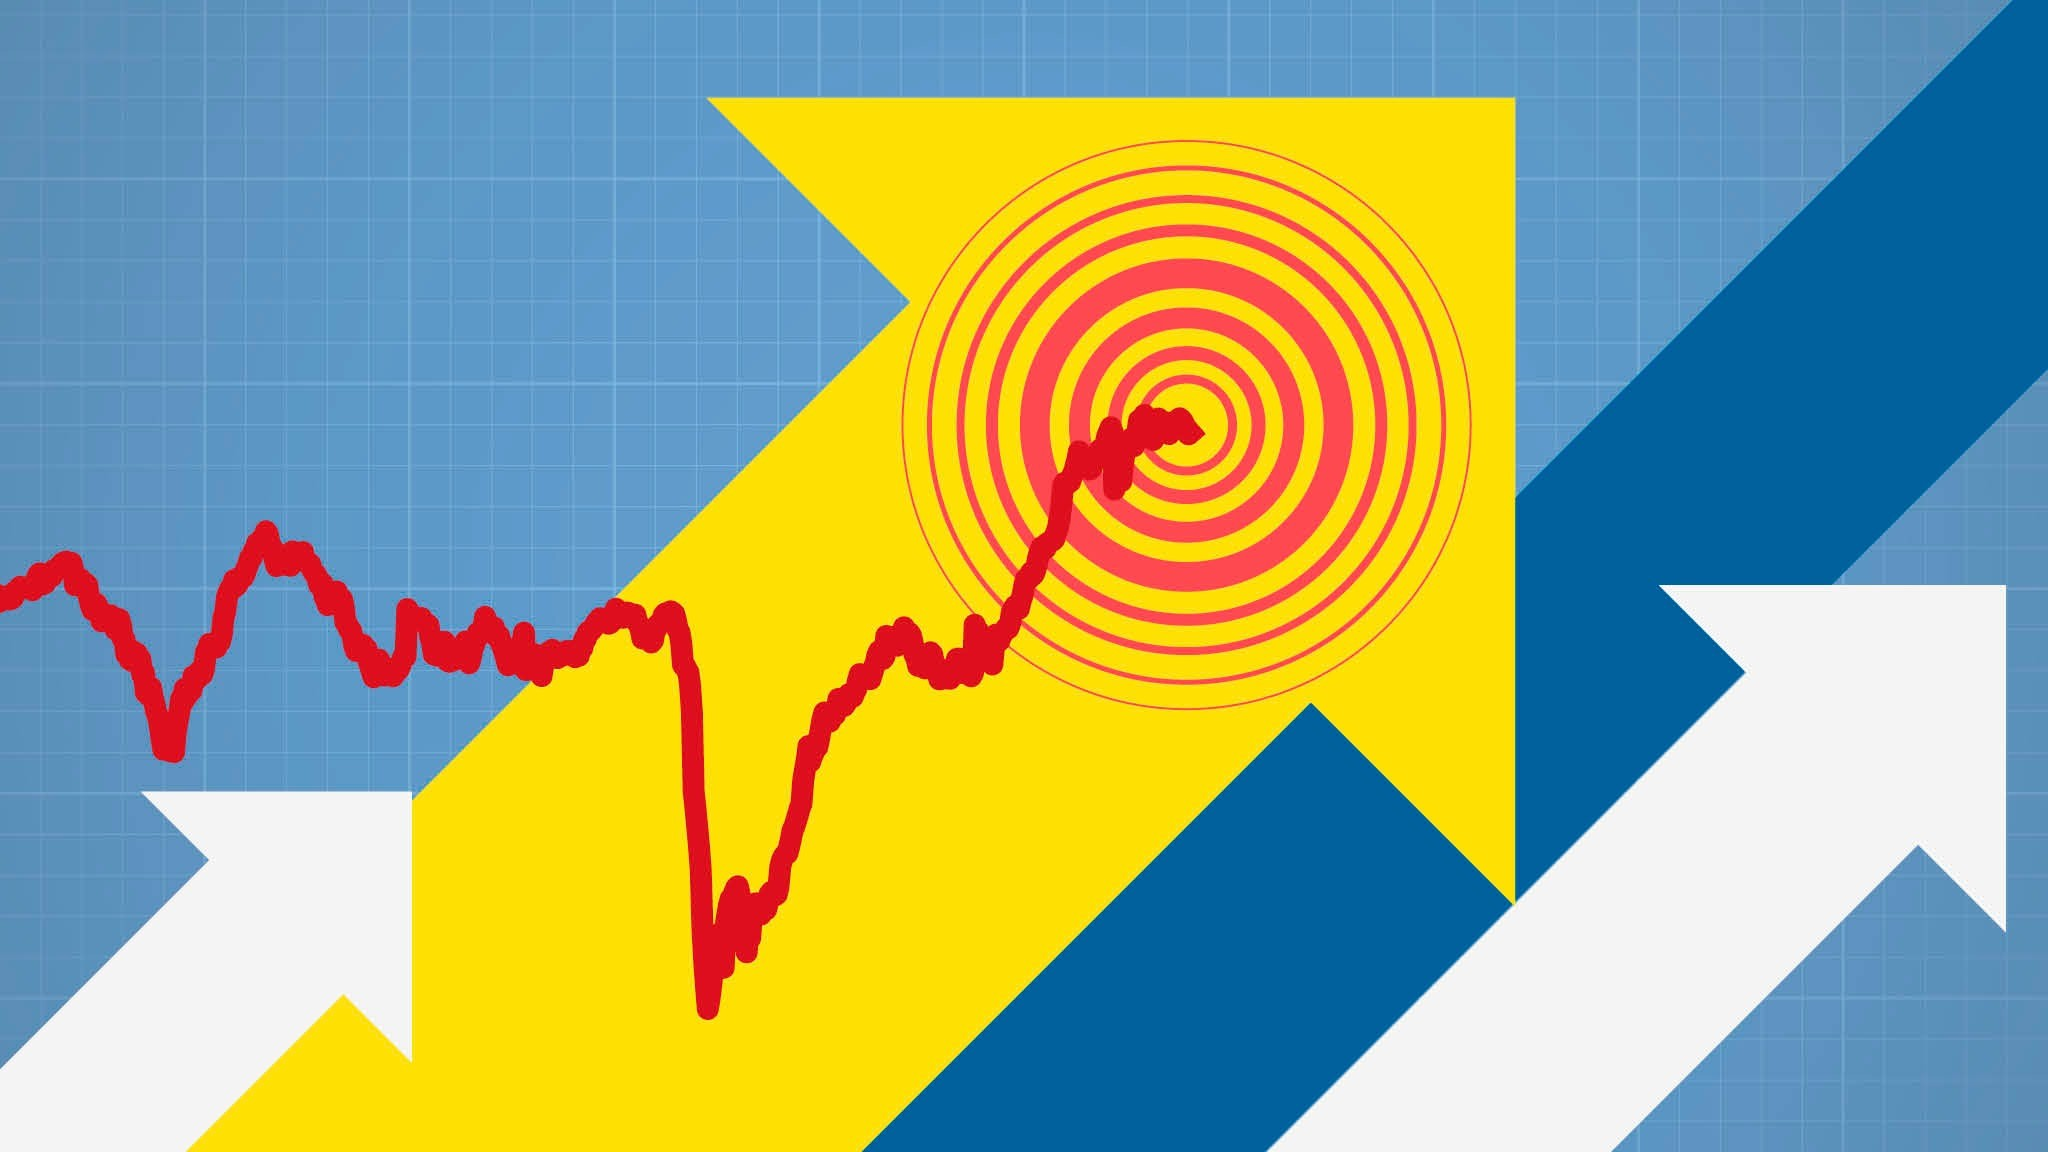 Πληθωρισμός – Γιατί το «παροδικός» δεν θα είναι πια η αγαπημένη λέξη των Τραπεζιτών